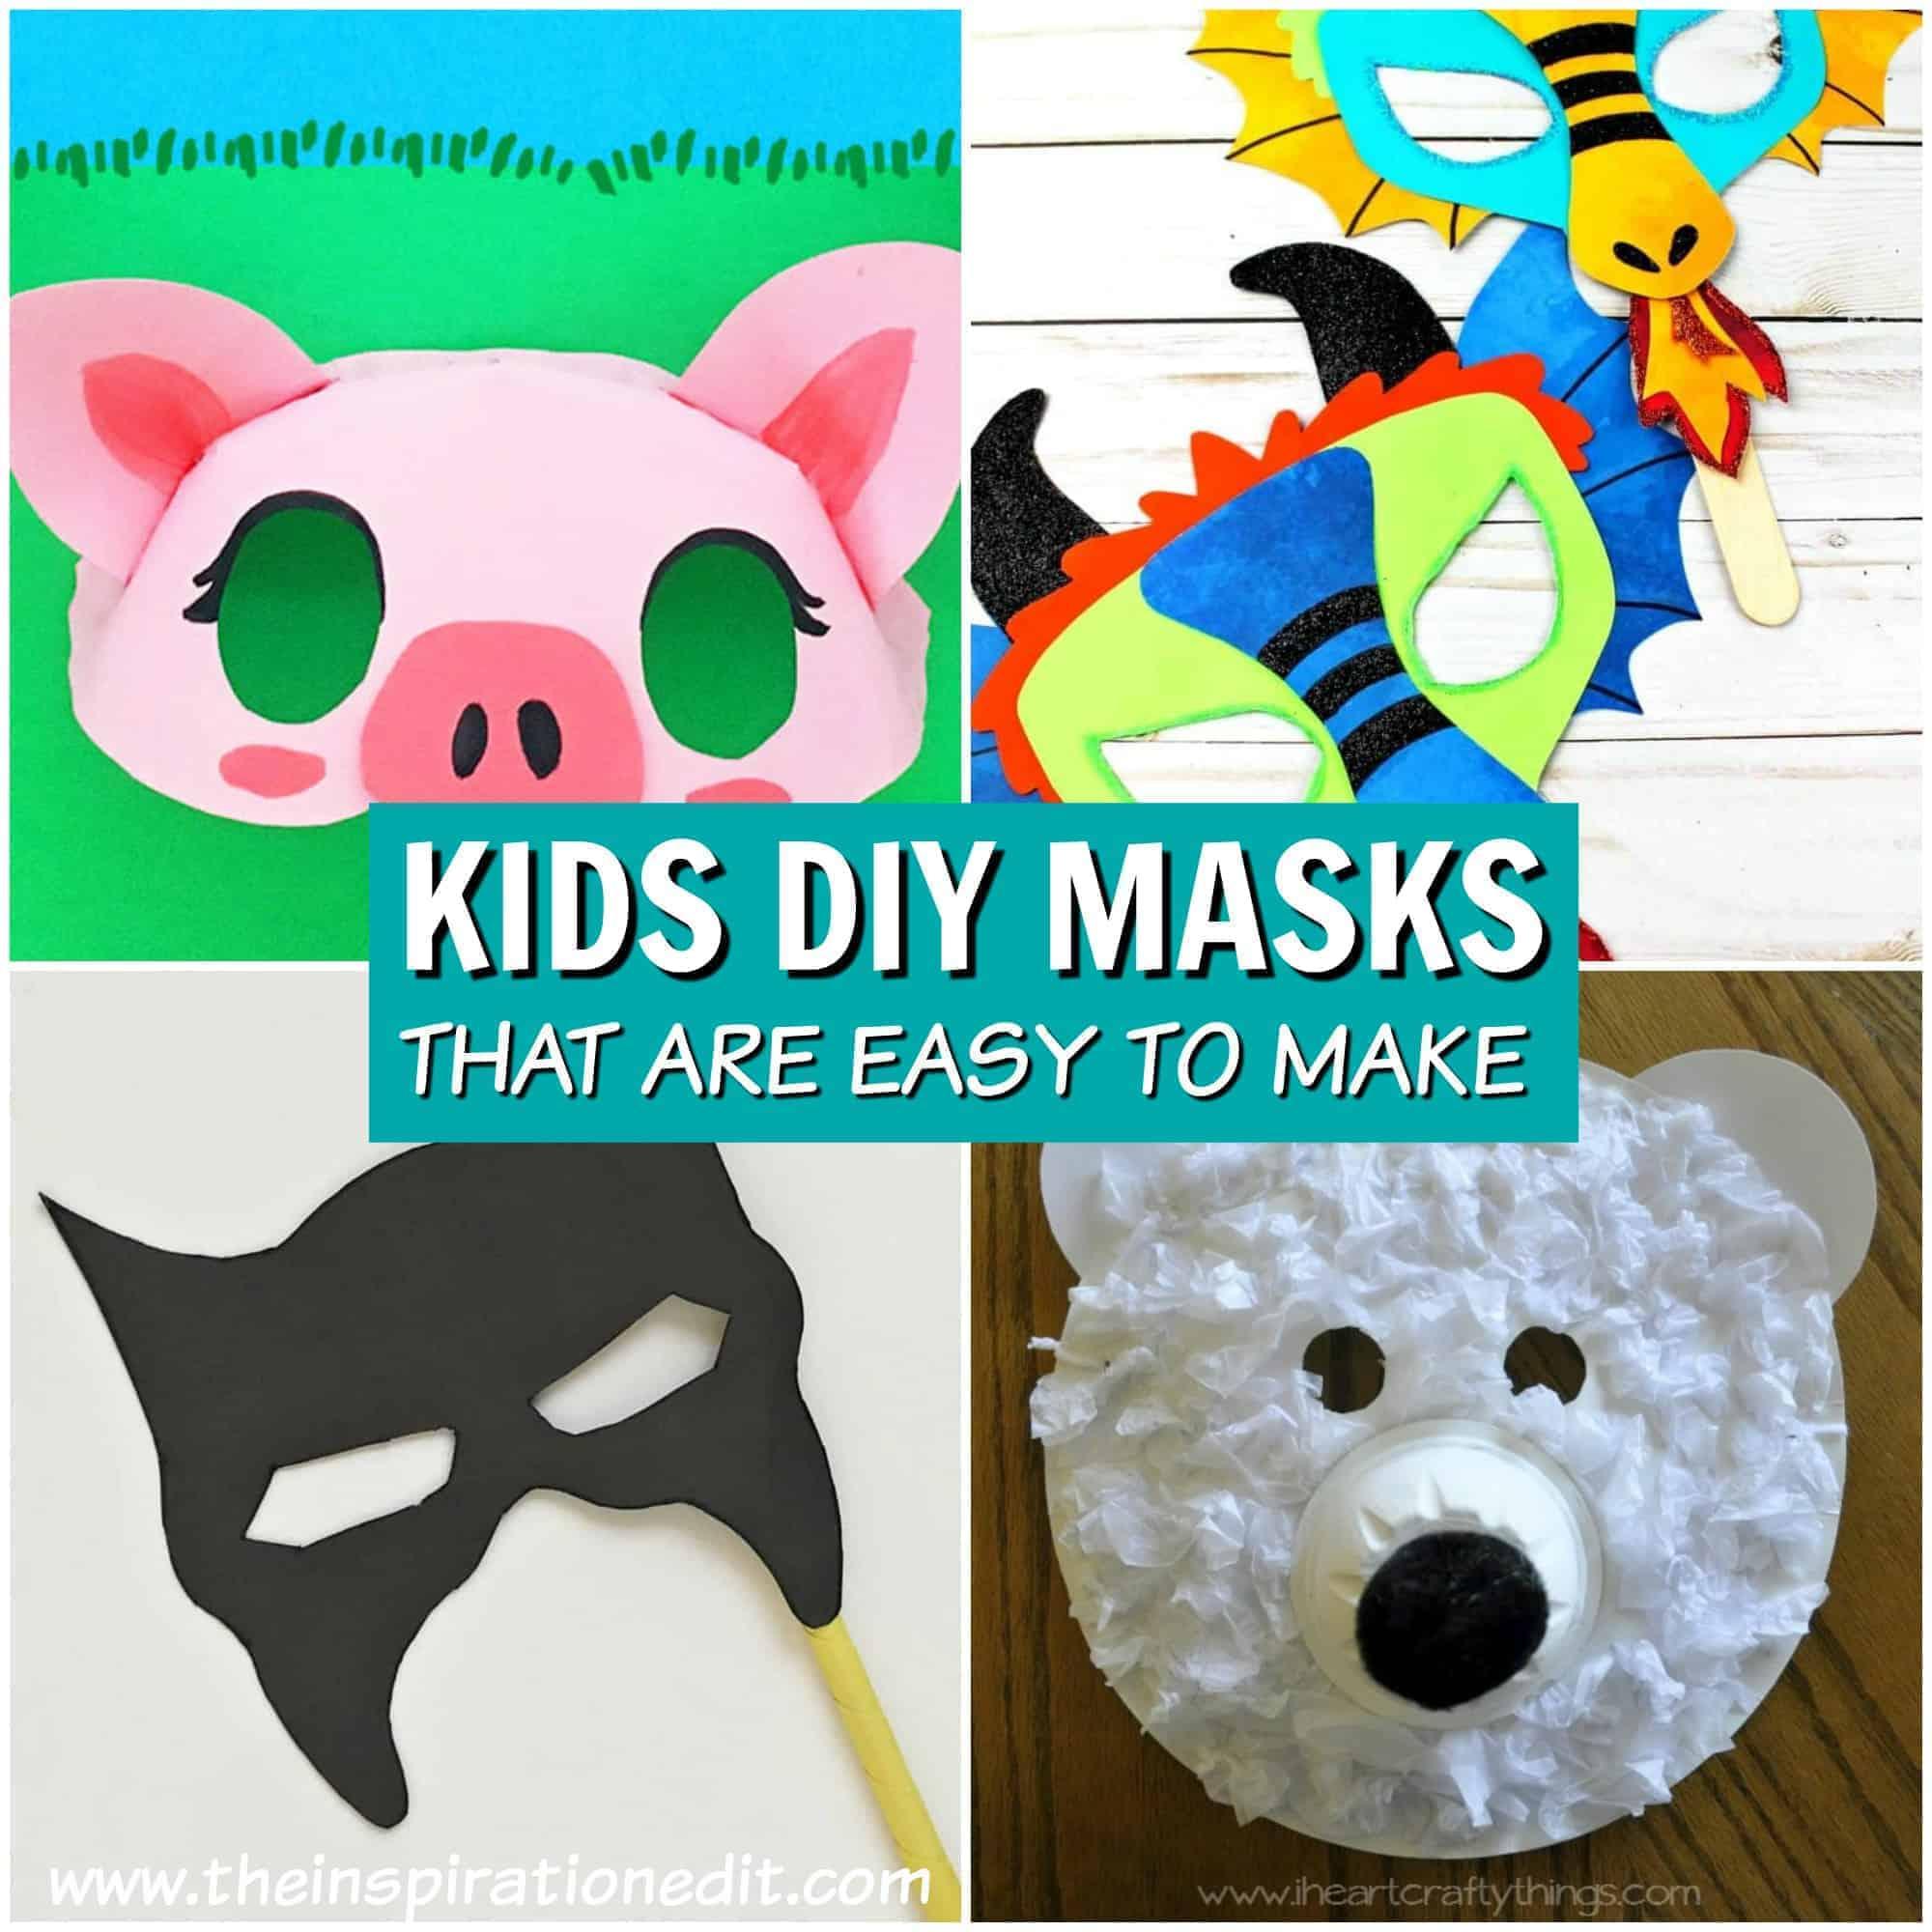 diy masks for kids to make